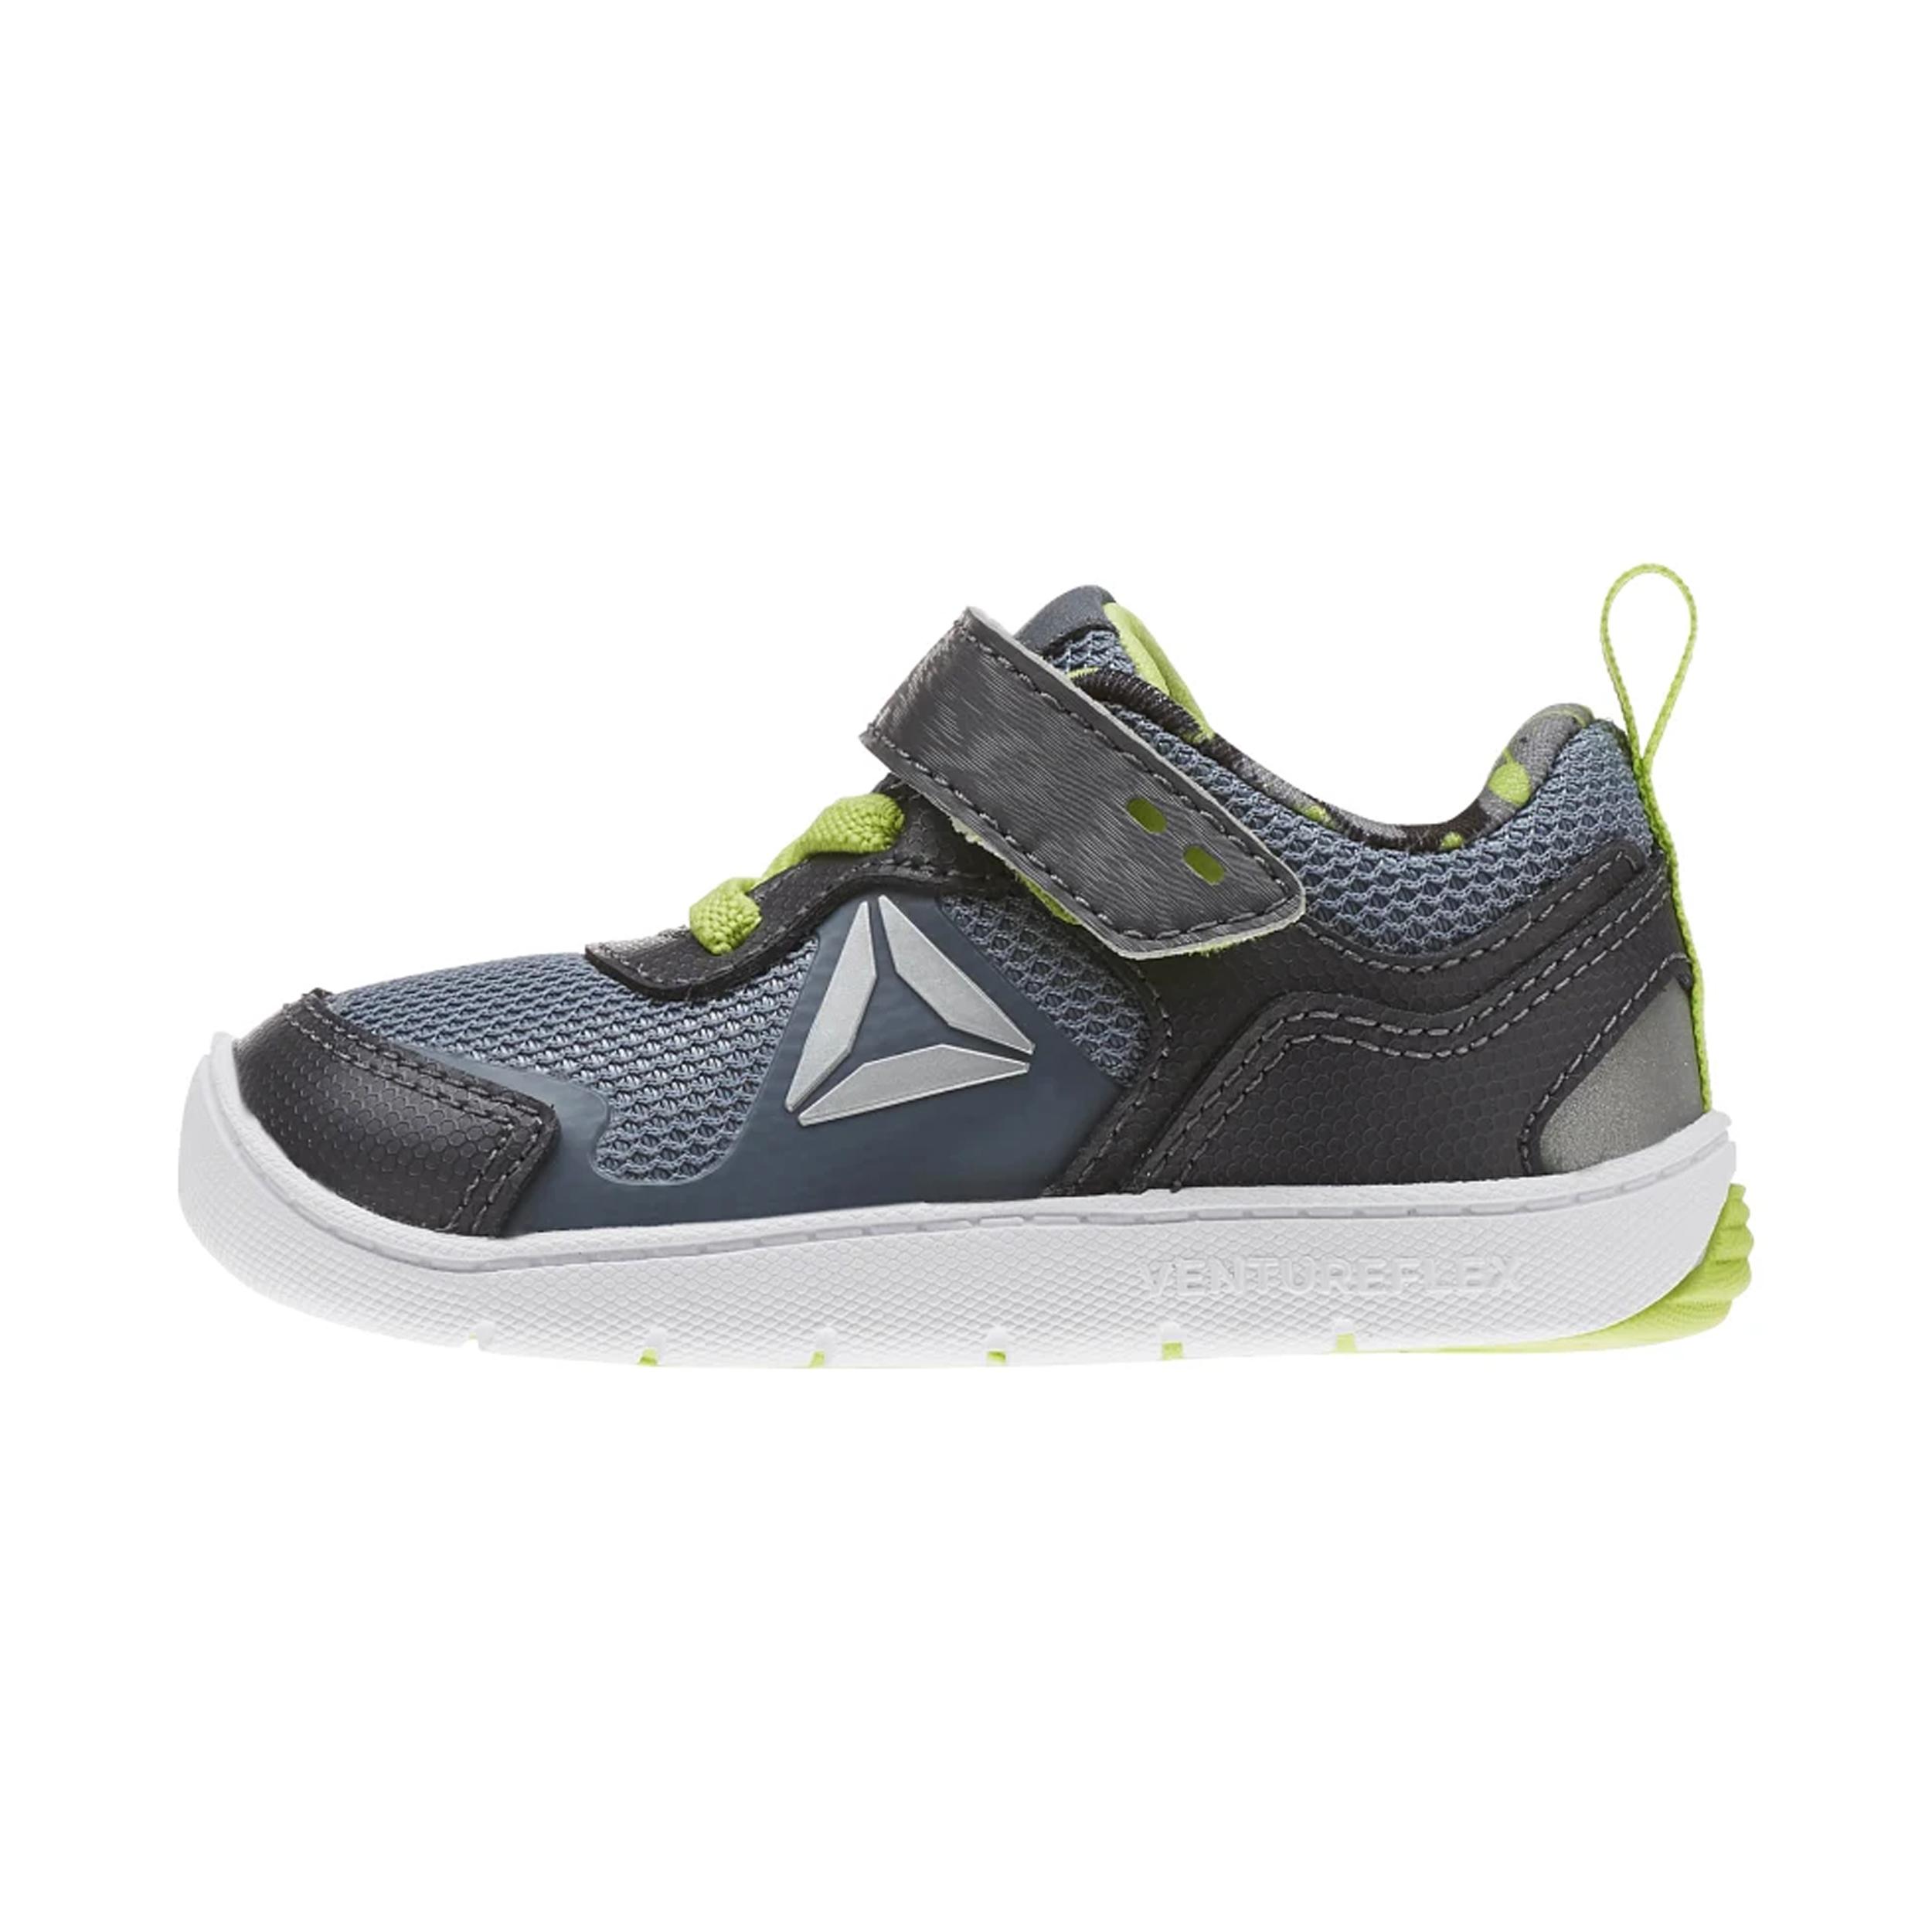 کفش مخصوص تمرین پسرانه ریباک سری VENTUREFLEX STRIDE 5.0 مدل BD3697